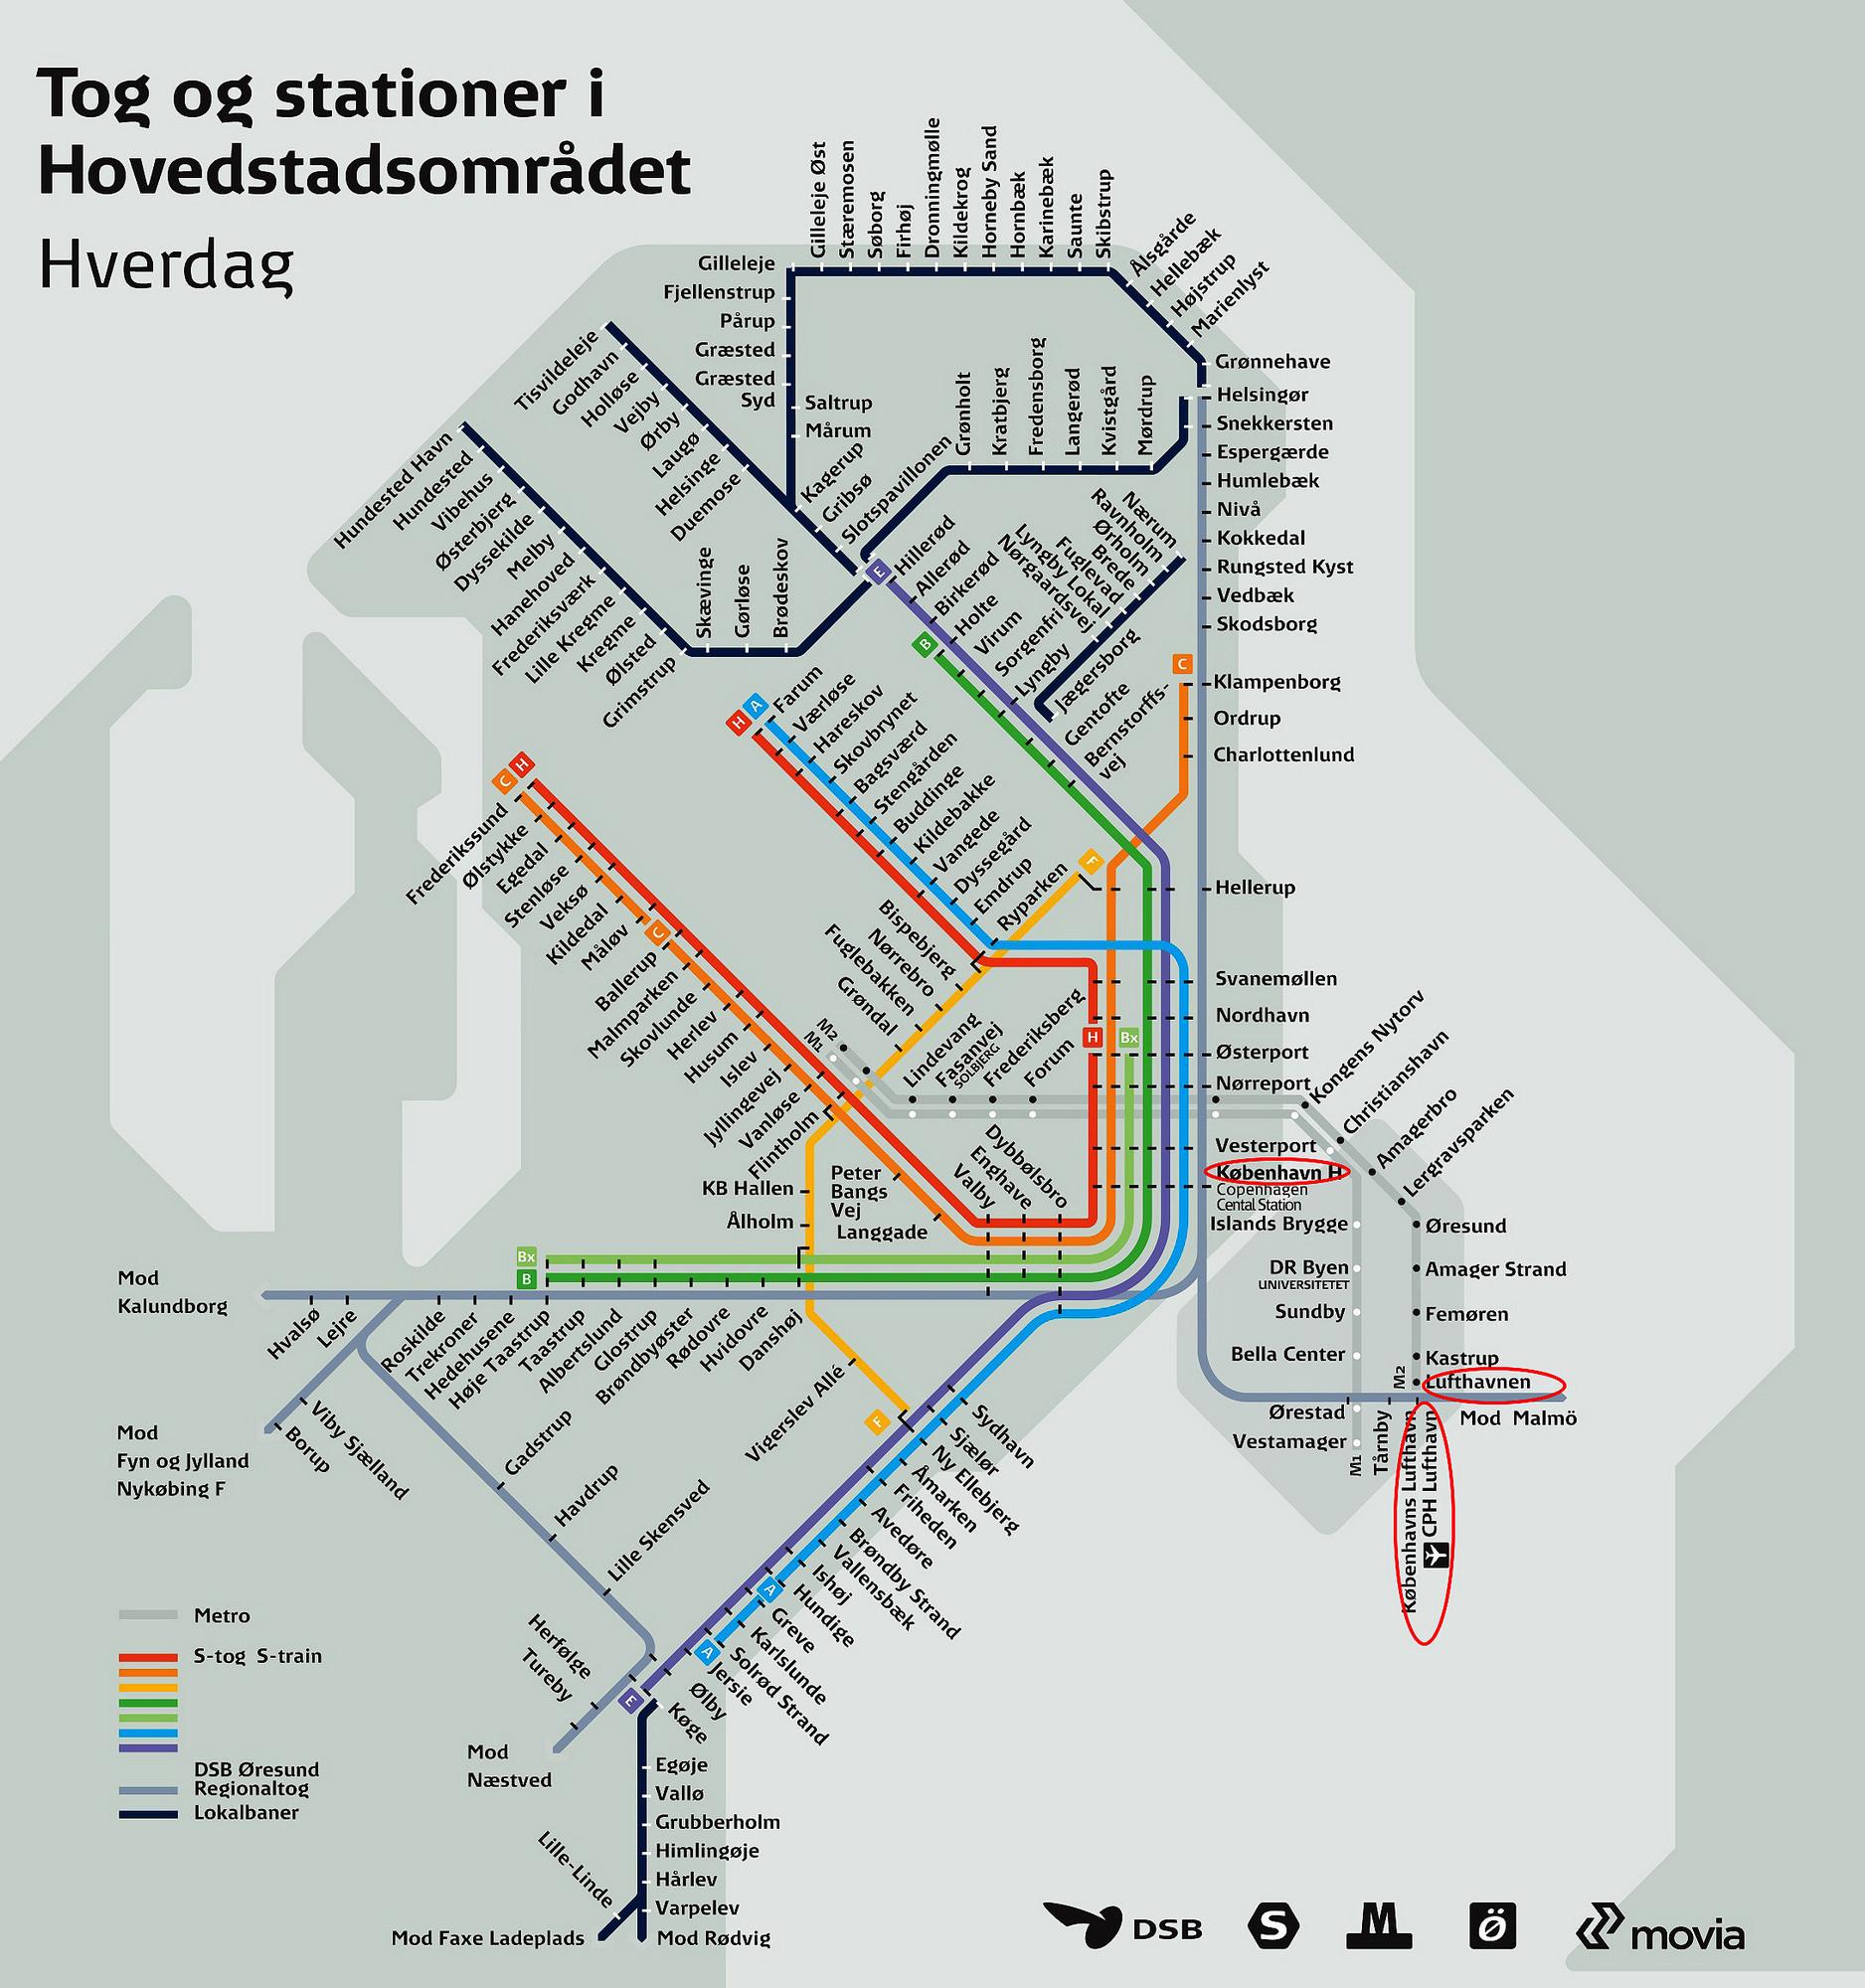 схема метро и ближайшие платформы пригородных поездов